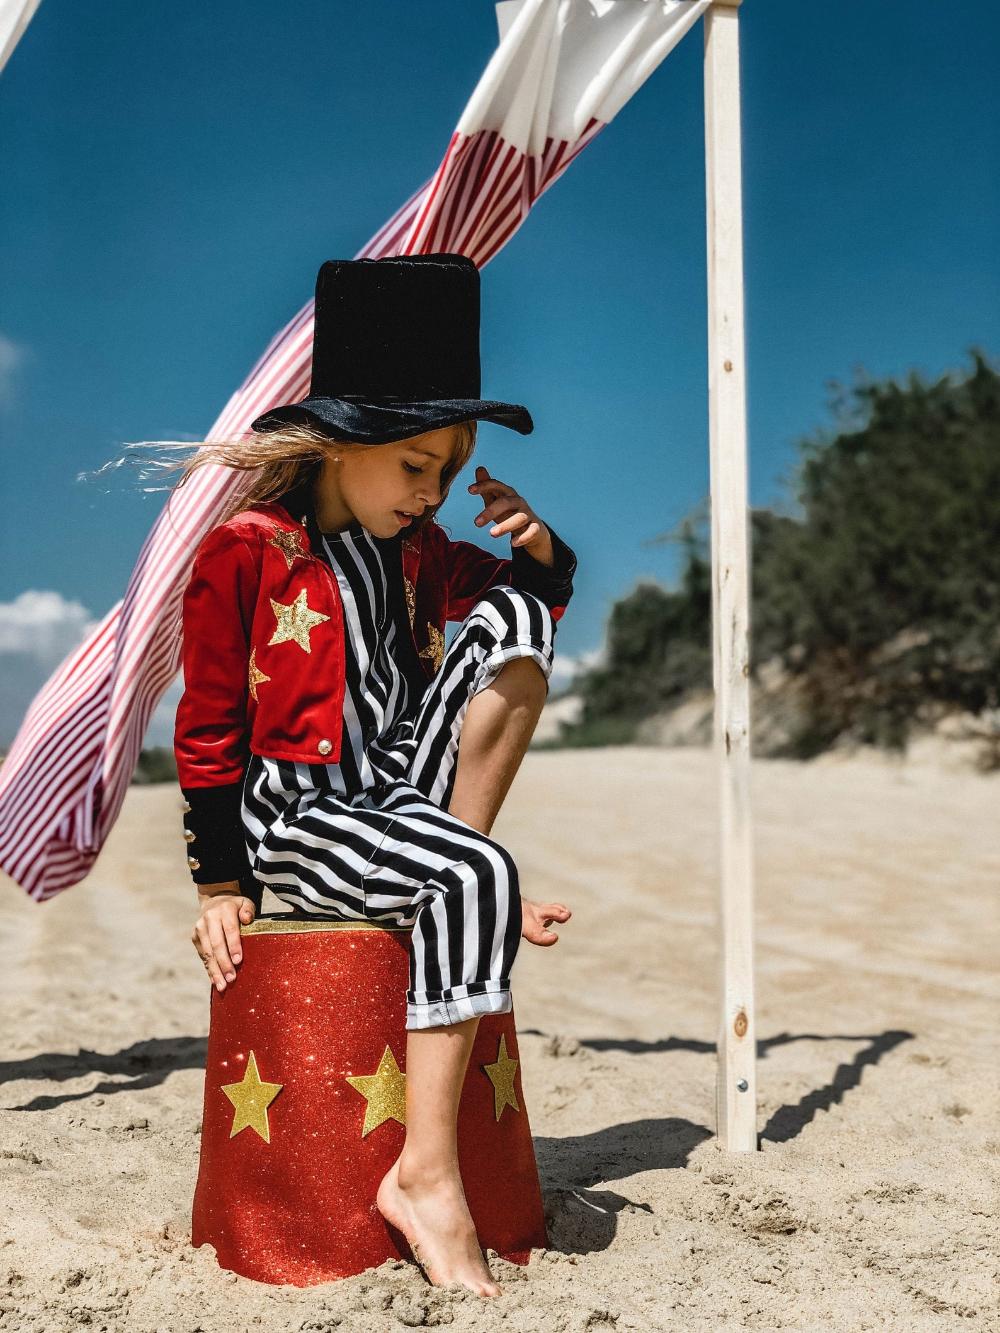 Redvelvet Halloween Costume 2020 Kids Magician Tailcoat Red Velvet Coat Ringmaster Costume | Etsy